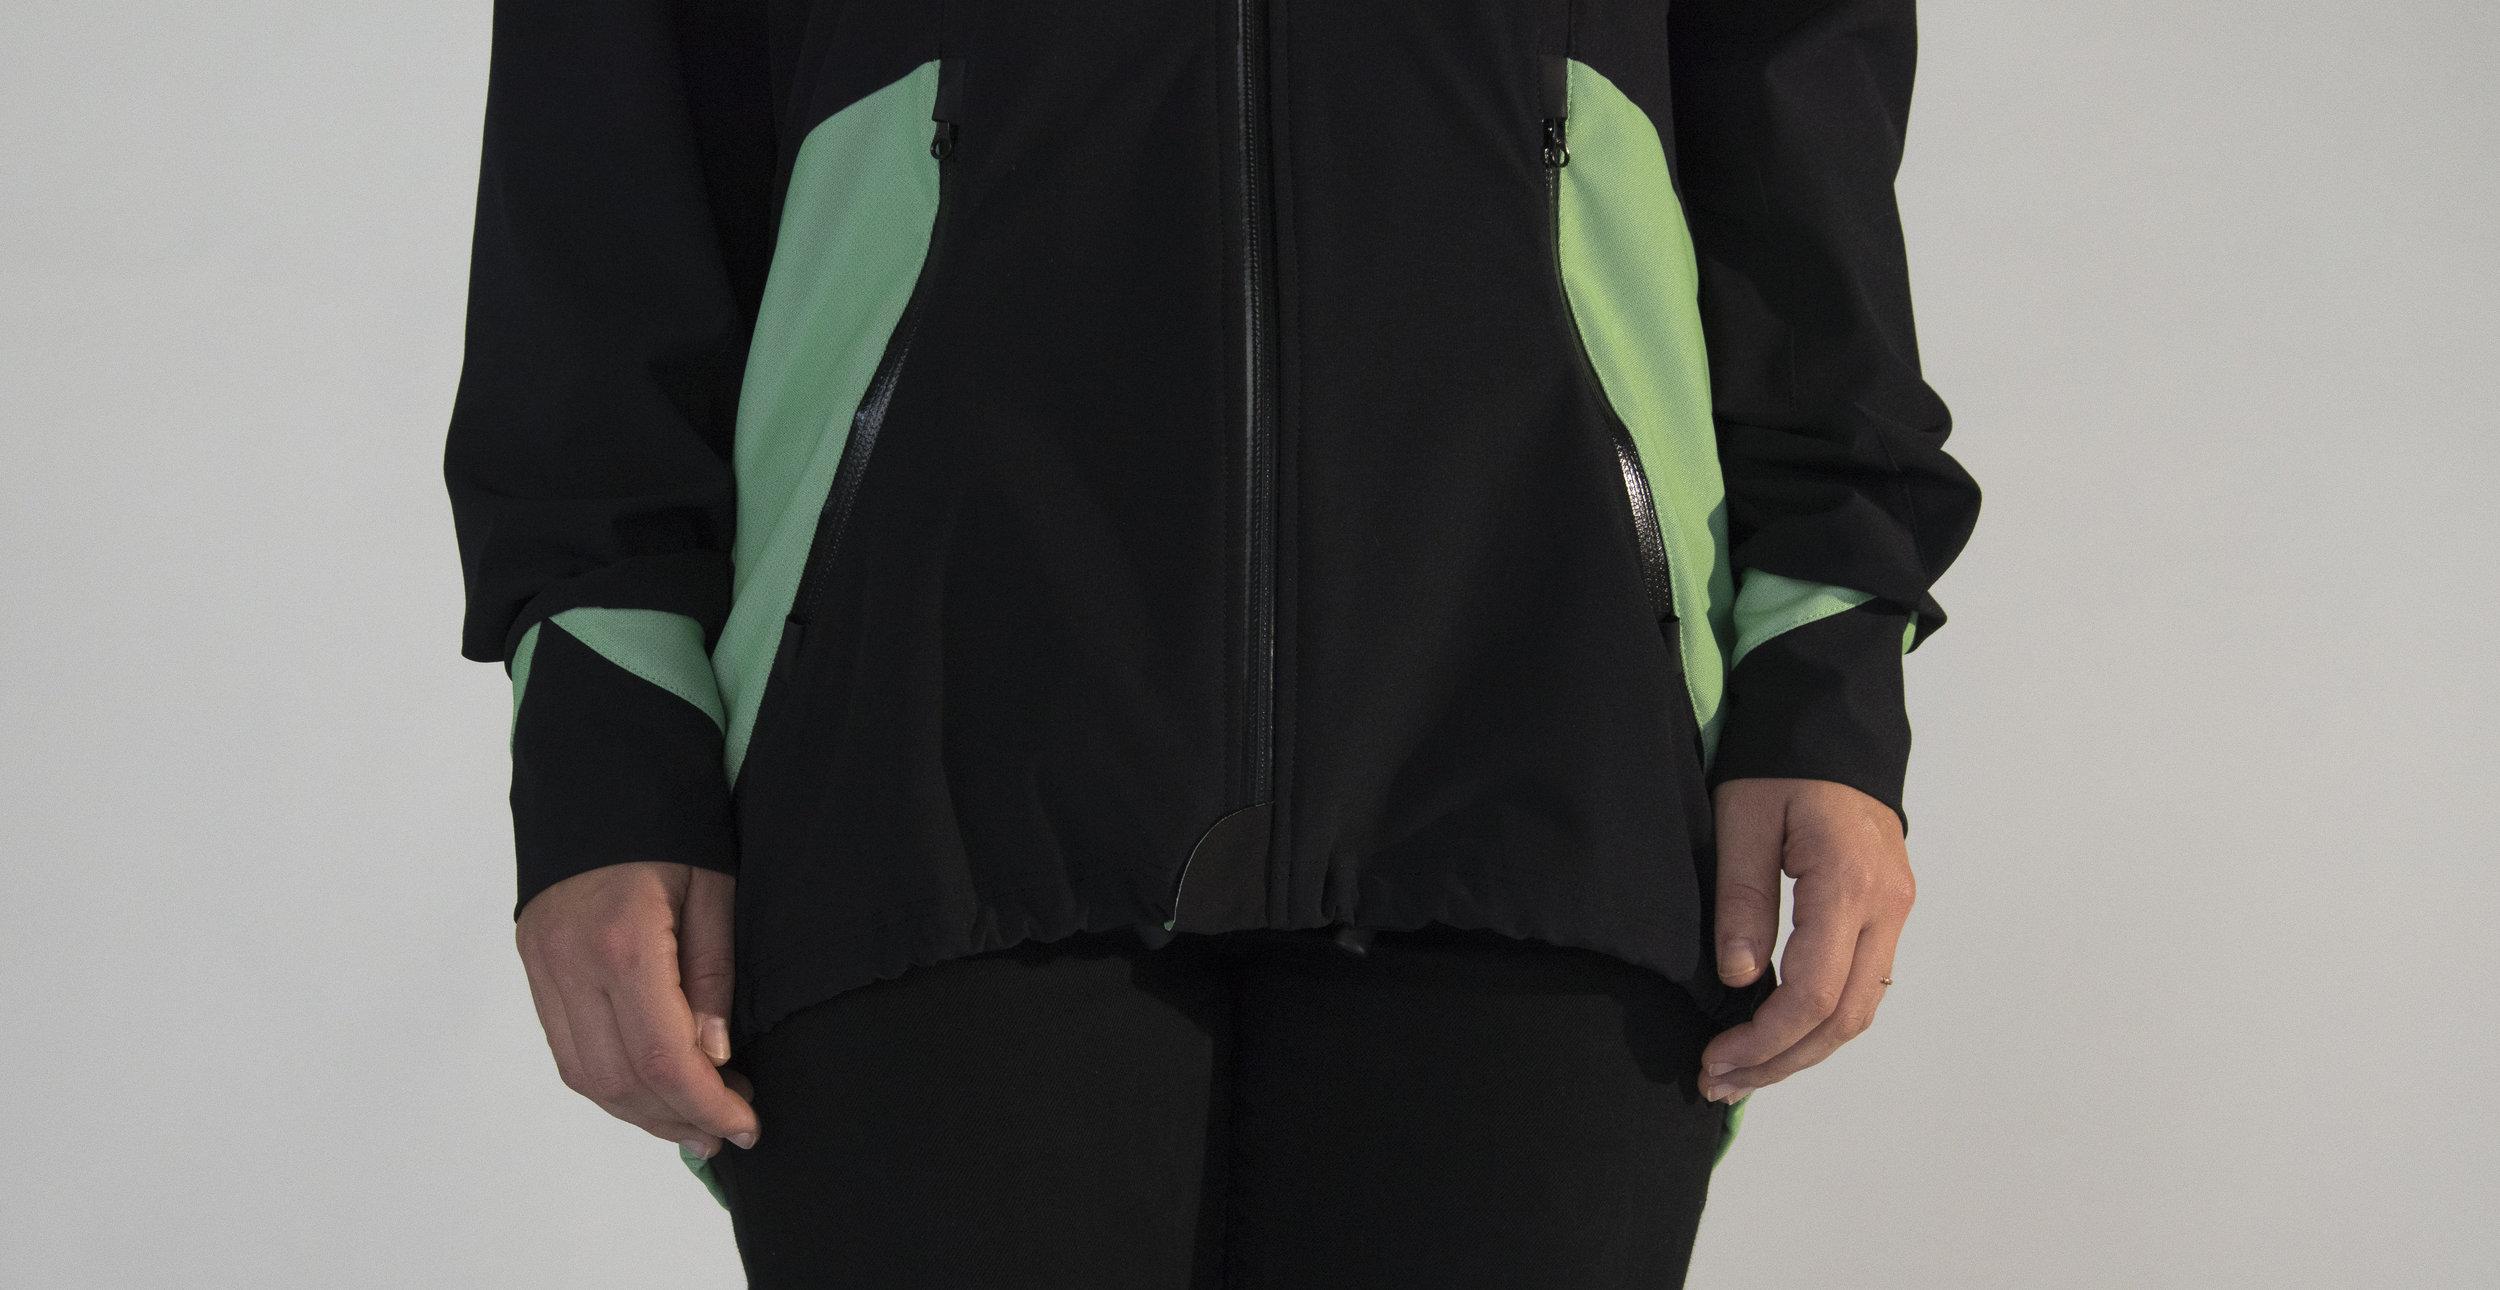 Highly waterproof & windproof zippers